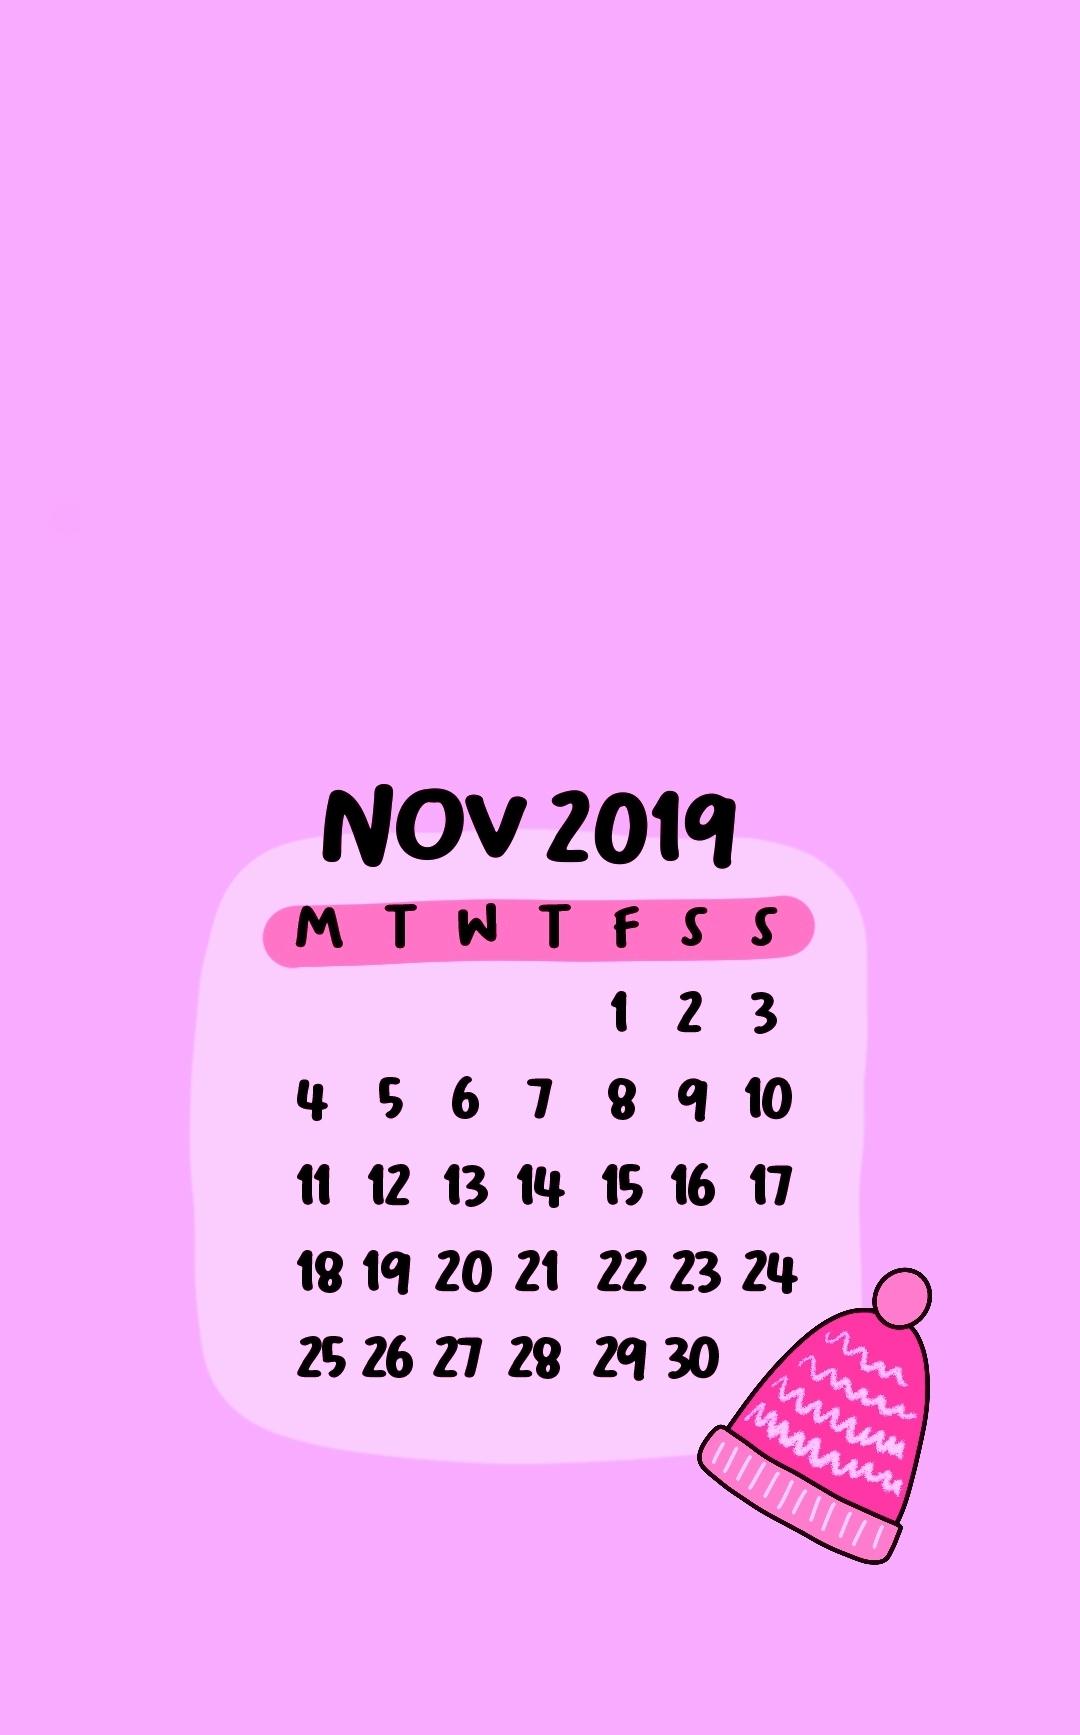 November 2019 Iphone Calendar - Free August 2019 Calendar